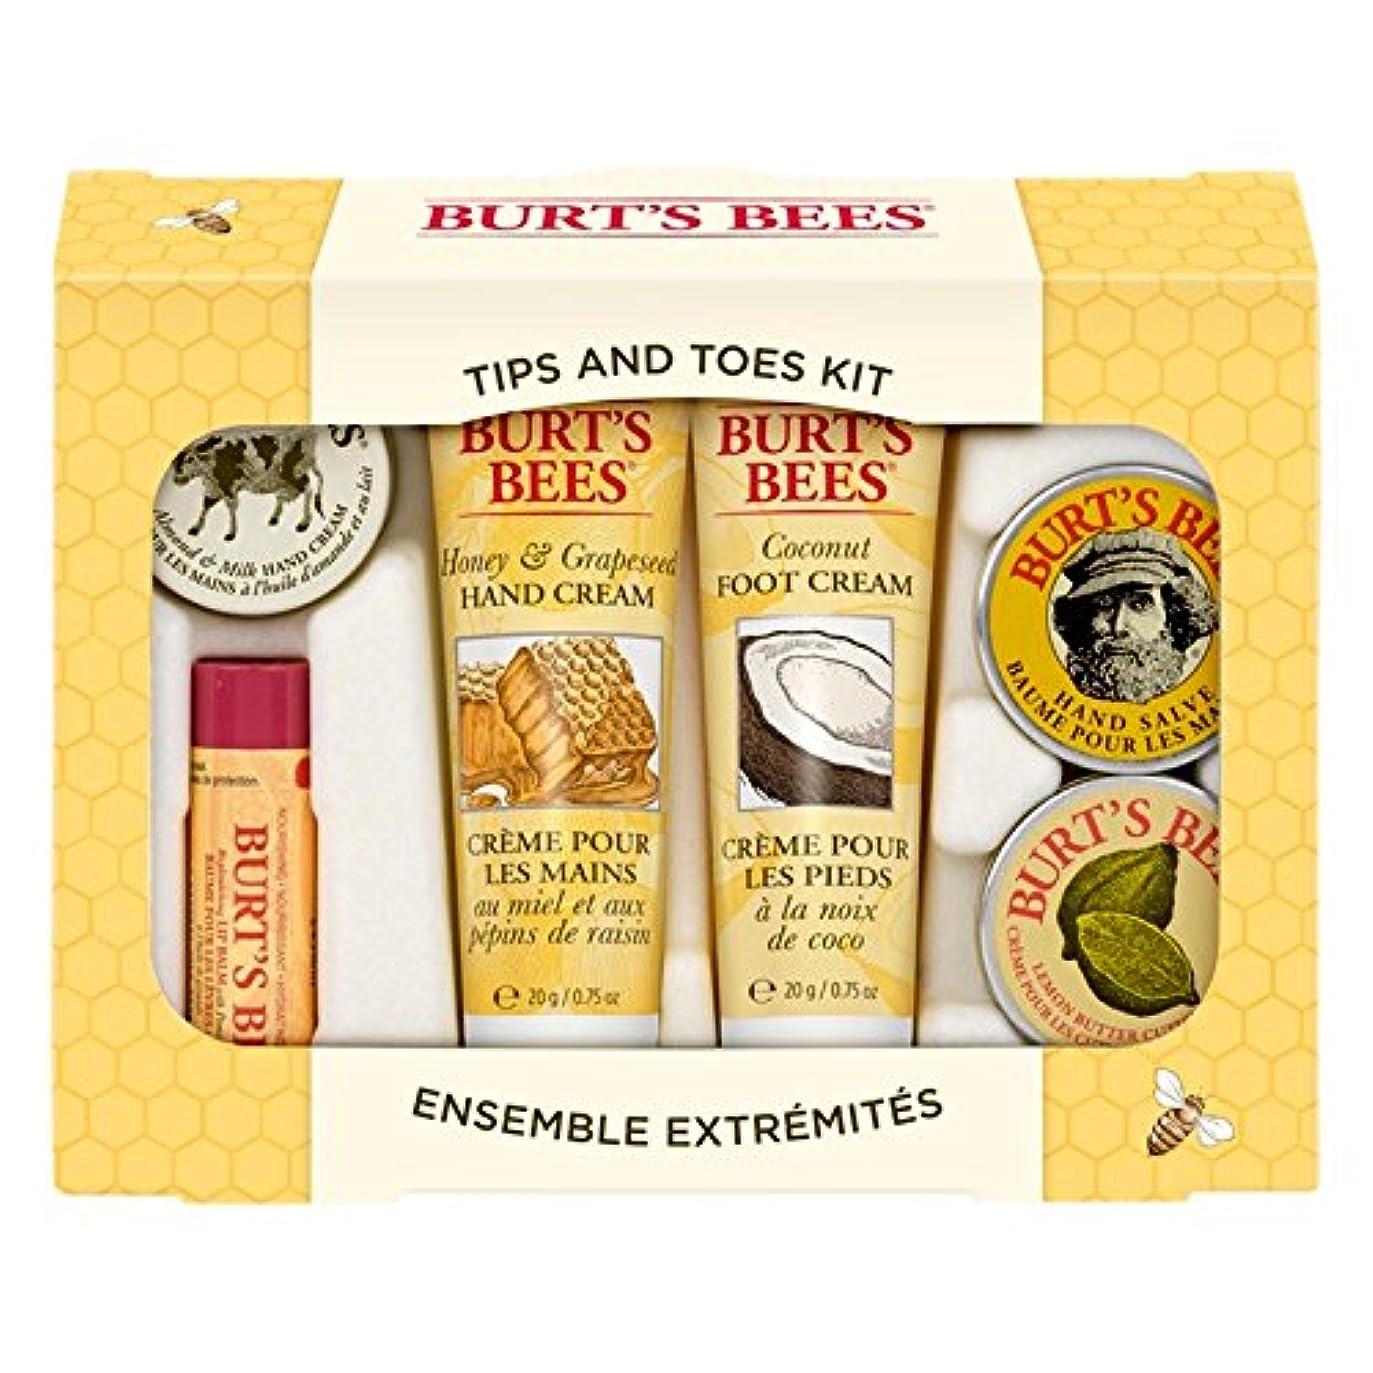 データベース宙返り昇進バーツビーのヒントとつま先はスターターキットをスキンケア (Burt's Bees) (x6) - Burt's Bees Tips And Toes Skincare Starter Kit (Pack of 6) [...